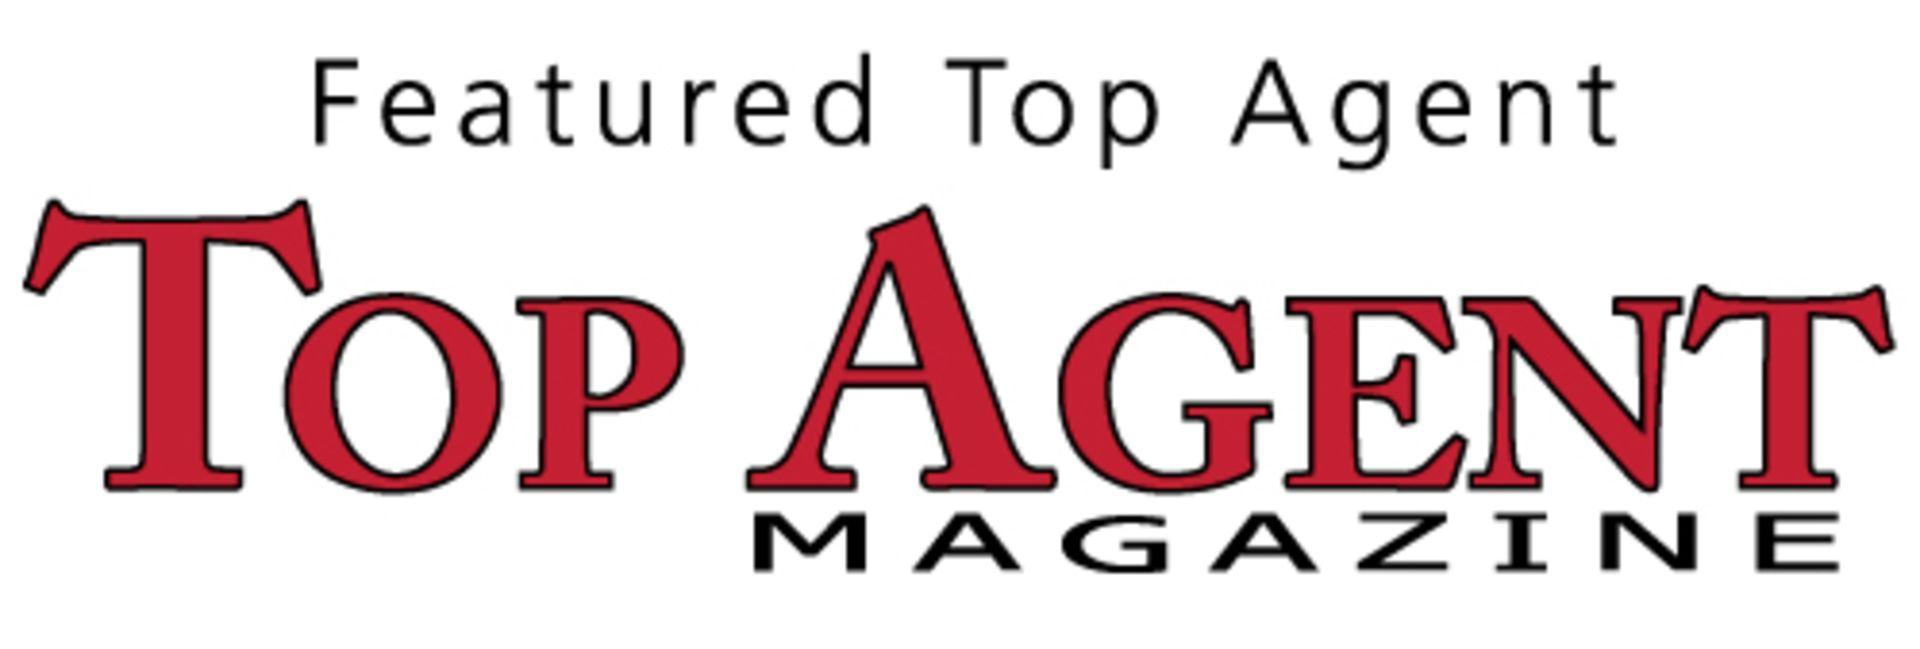 Top Agent Magazine